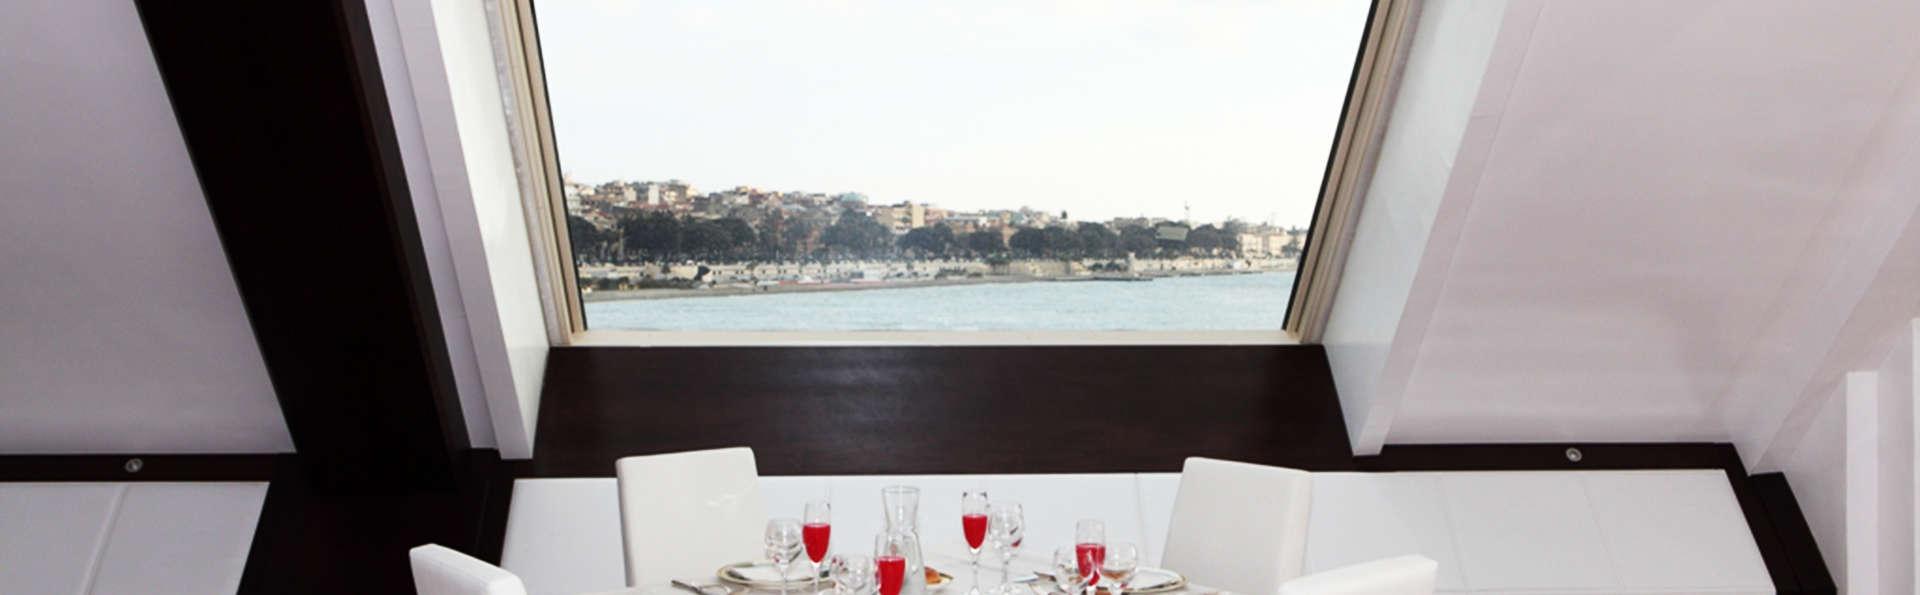 Descanso y media pensión a orillas del mar en Calabria